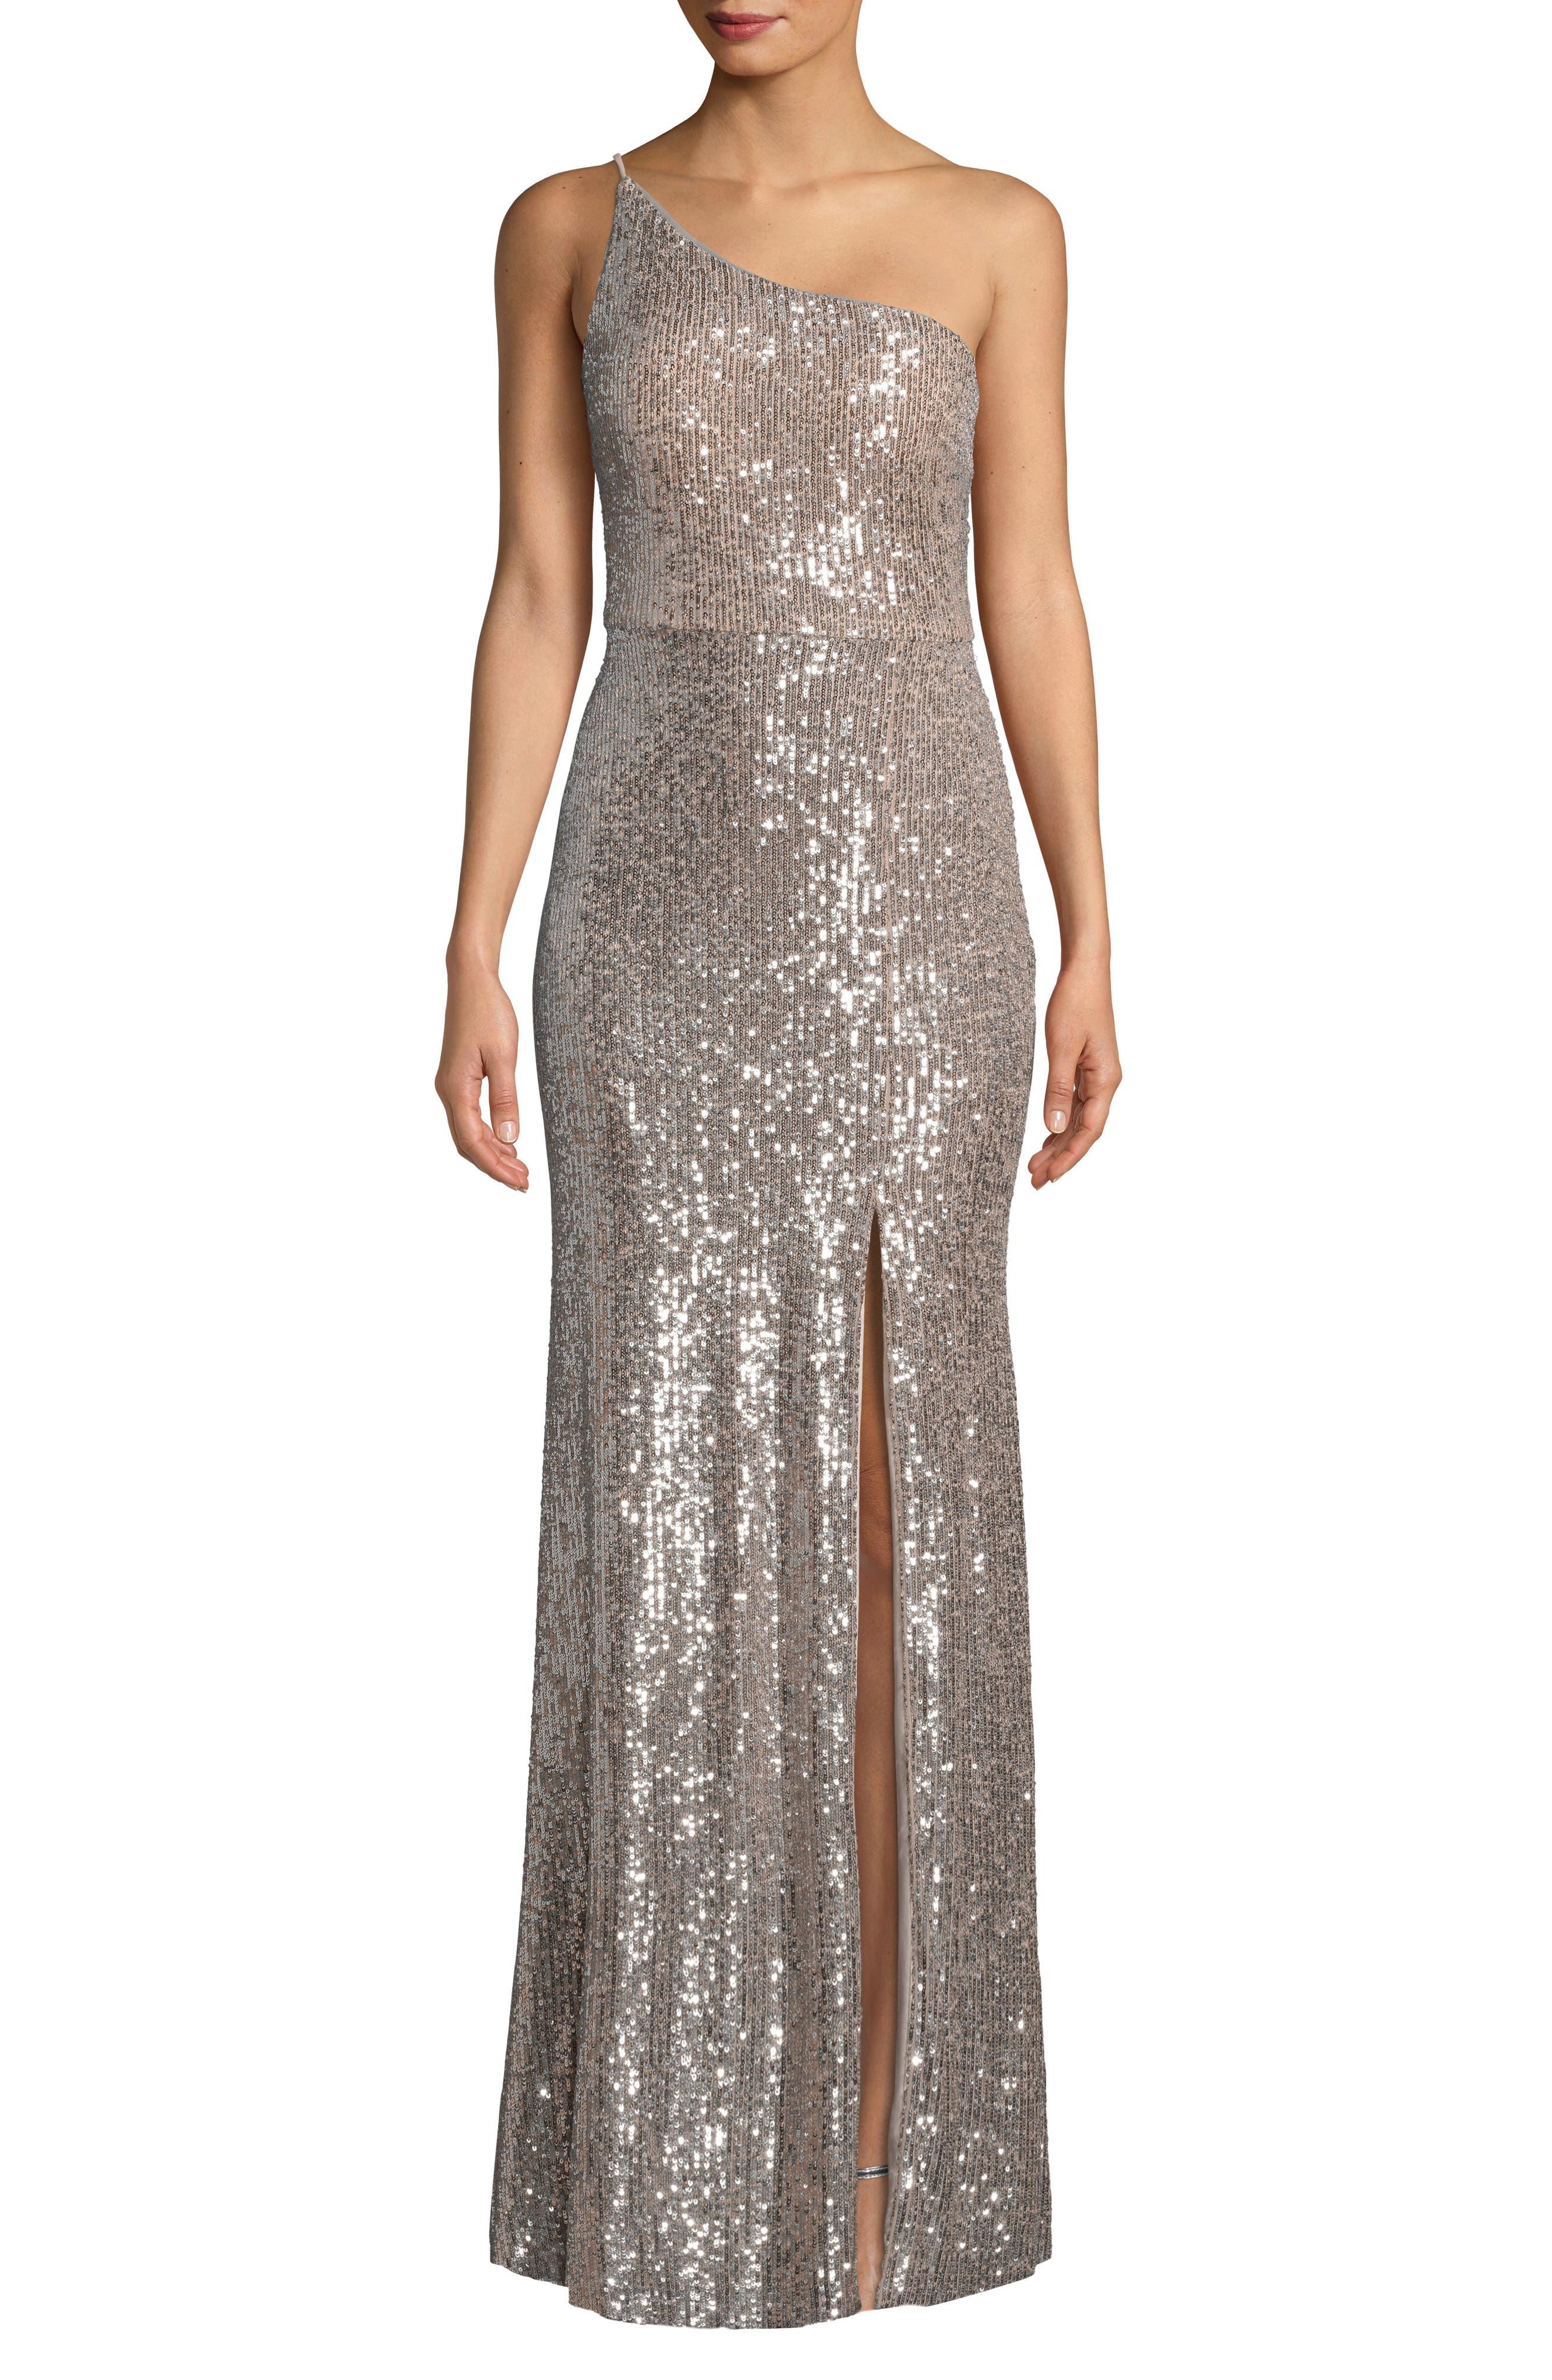 3d7d3fe7d3e8 Xscape One Shoulder Sequin Evening Dress, Beige